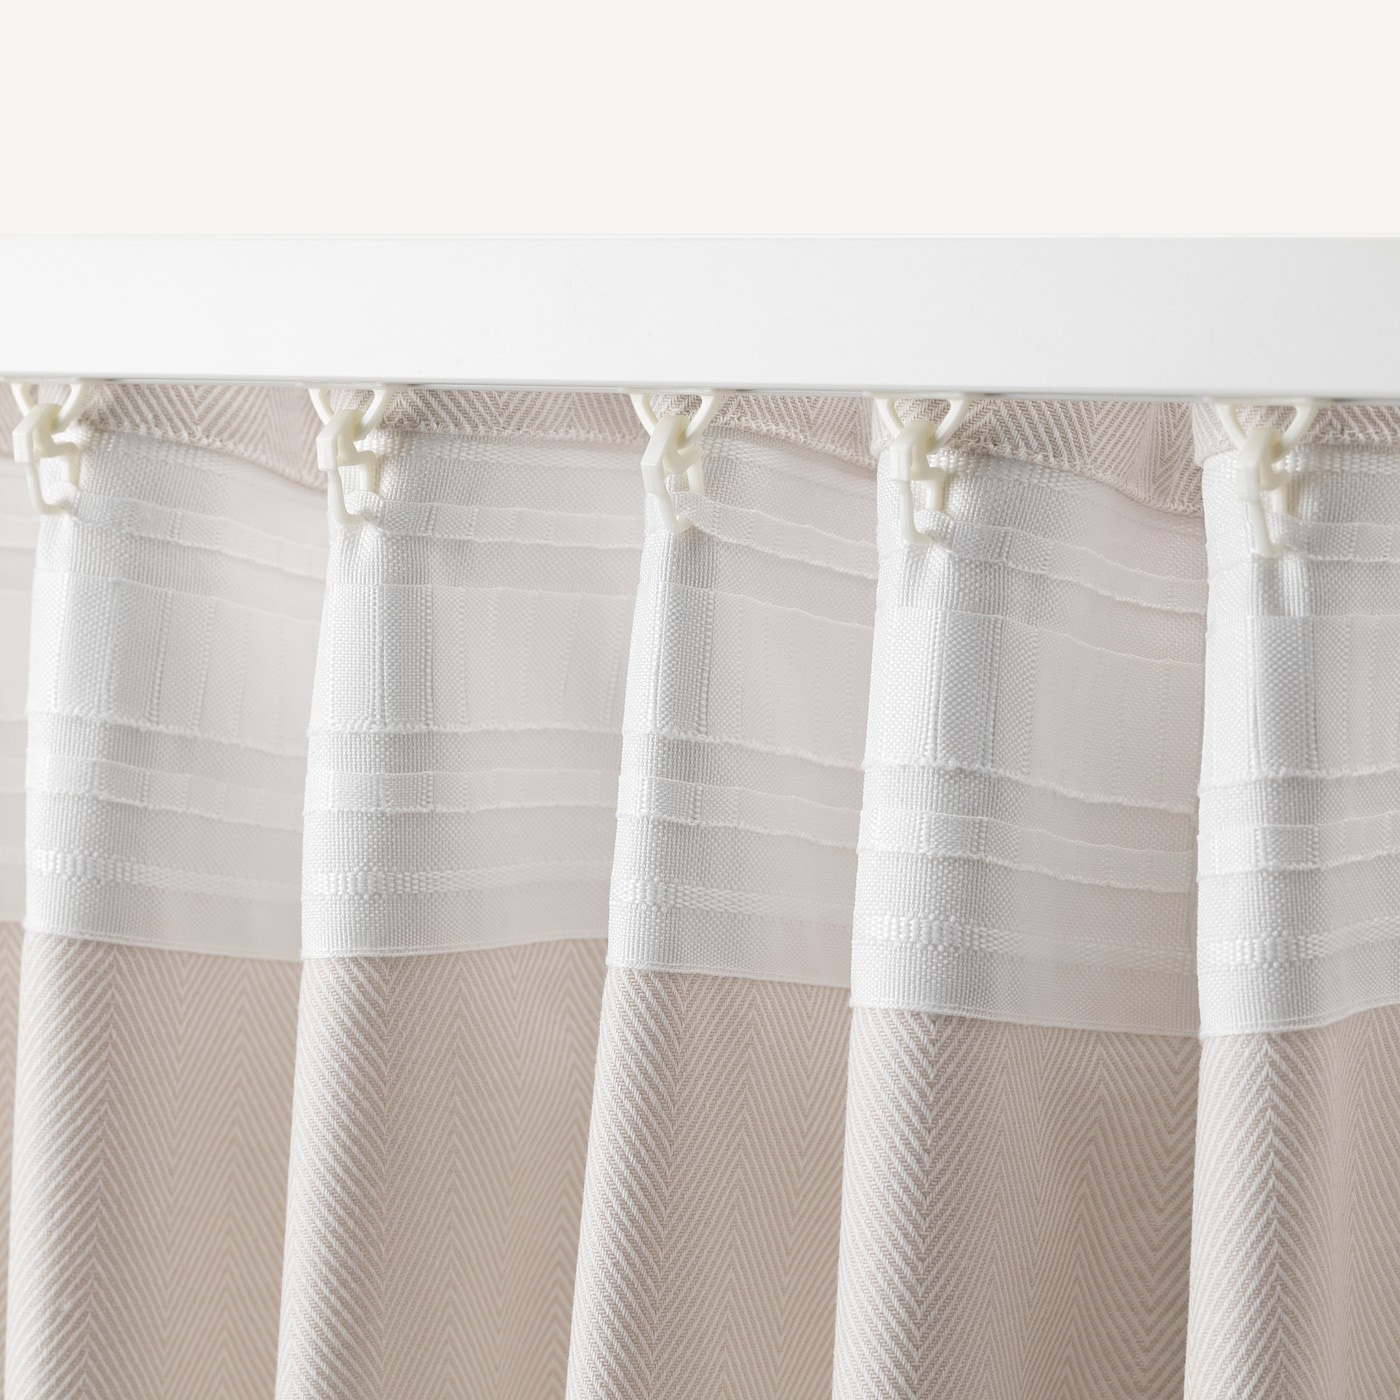 TIBAST Curtains, 8 pair - beige 845x8 cm